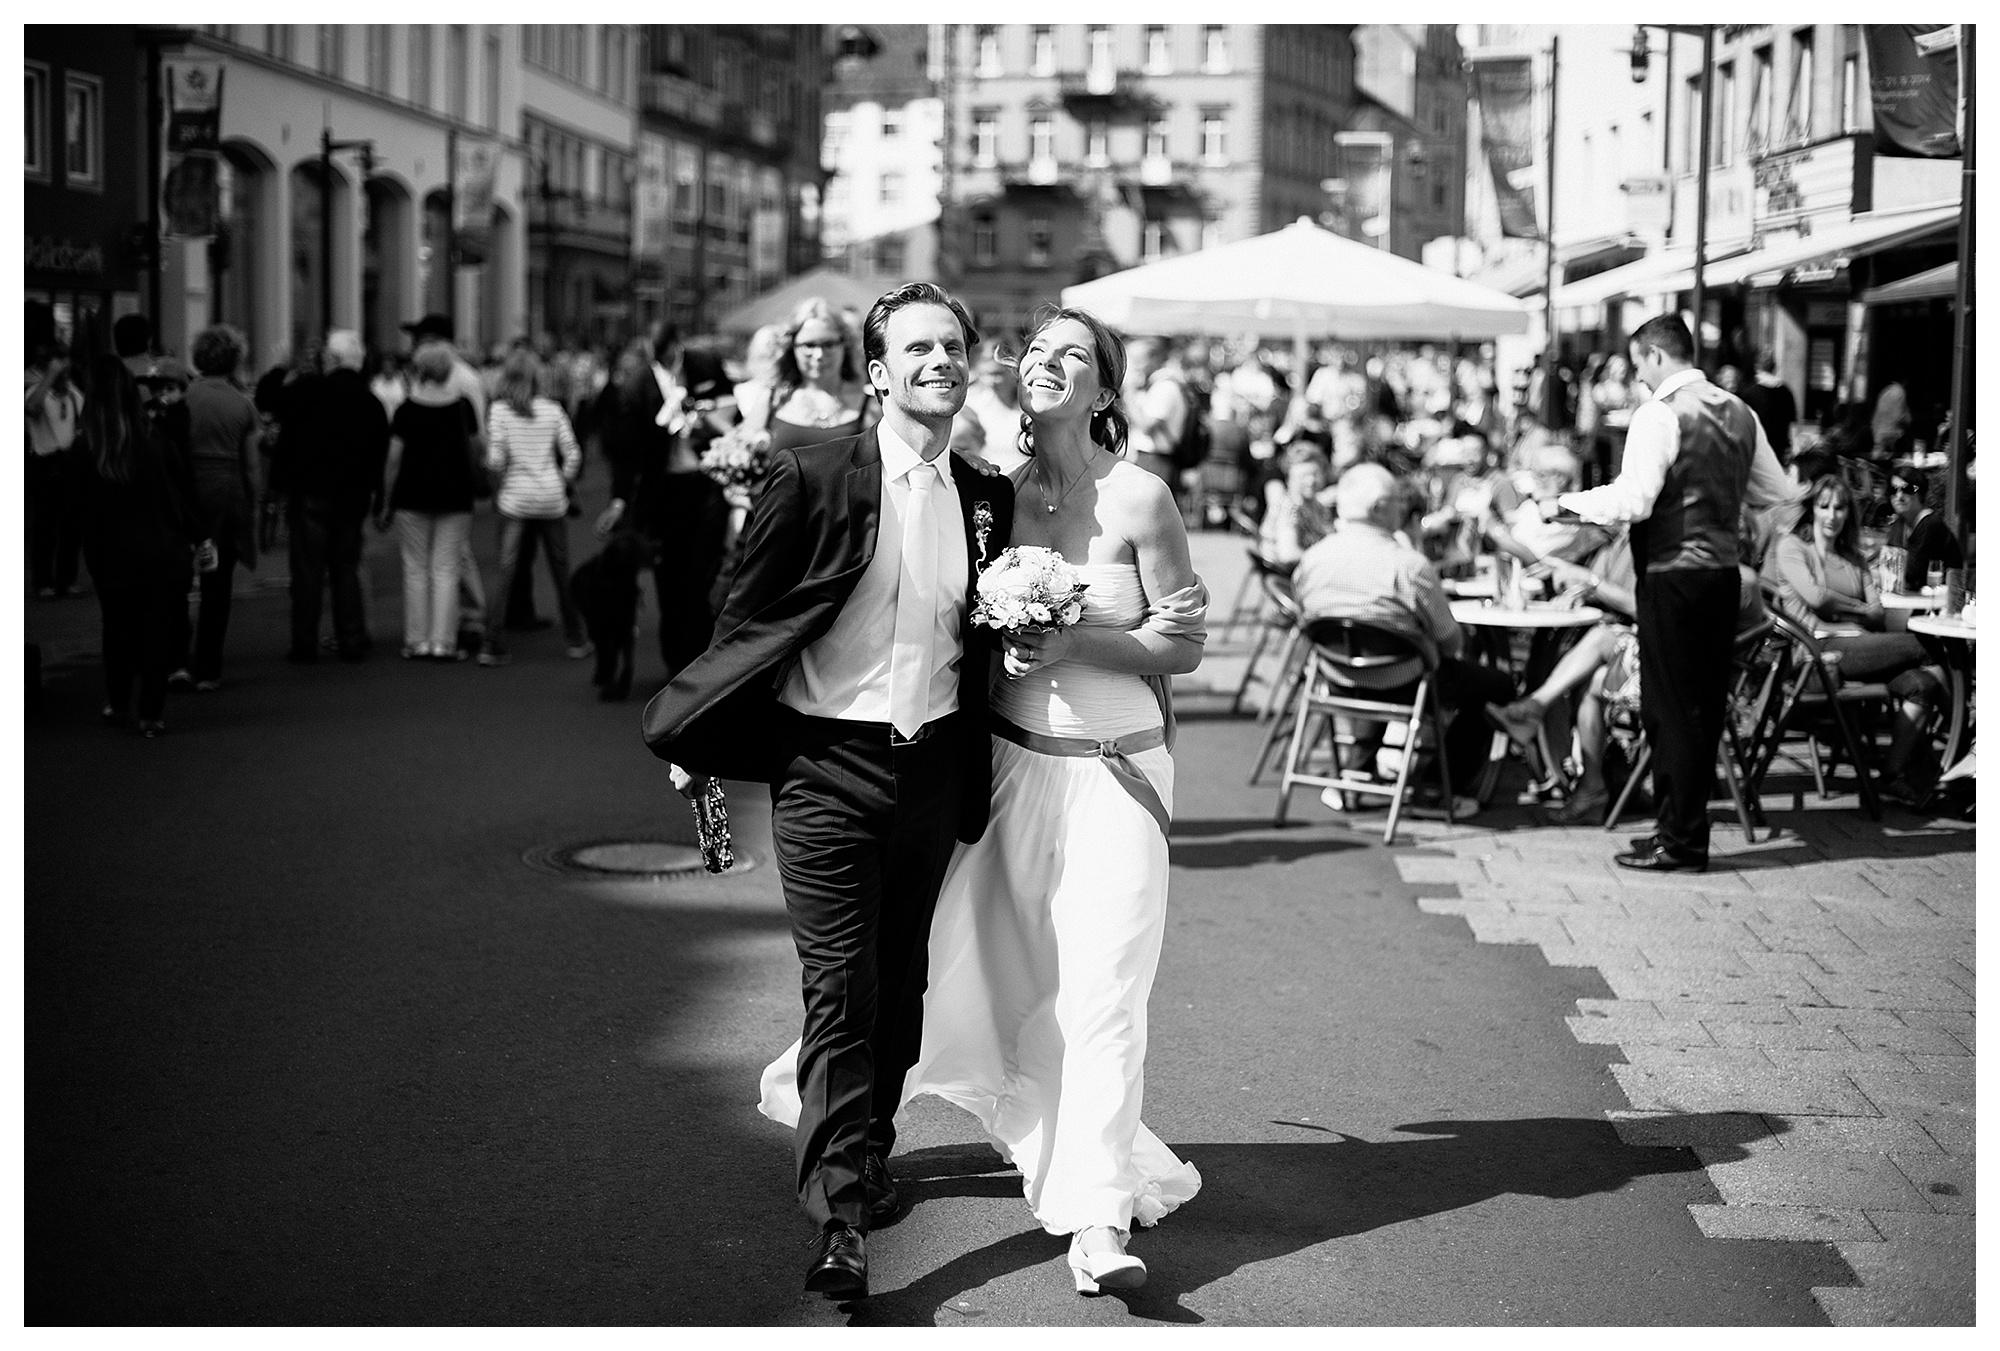 Fotograf Konstanz - Best of 2014 Elmar Feuerbacher Photography Hochzeit Portrait 039 - Rückblick auf 2014  - 98 -